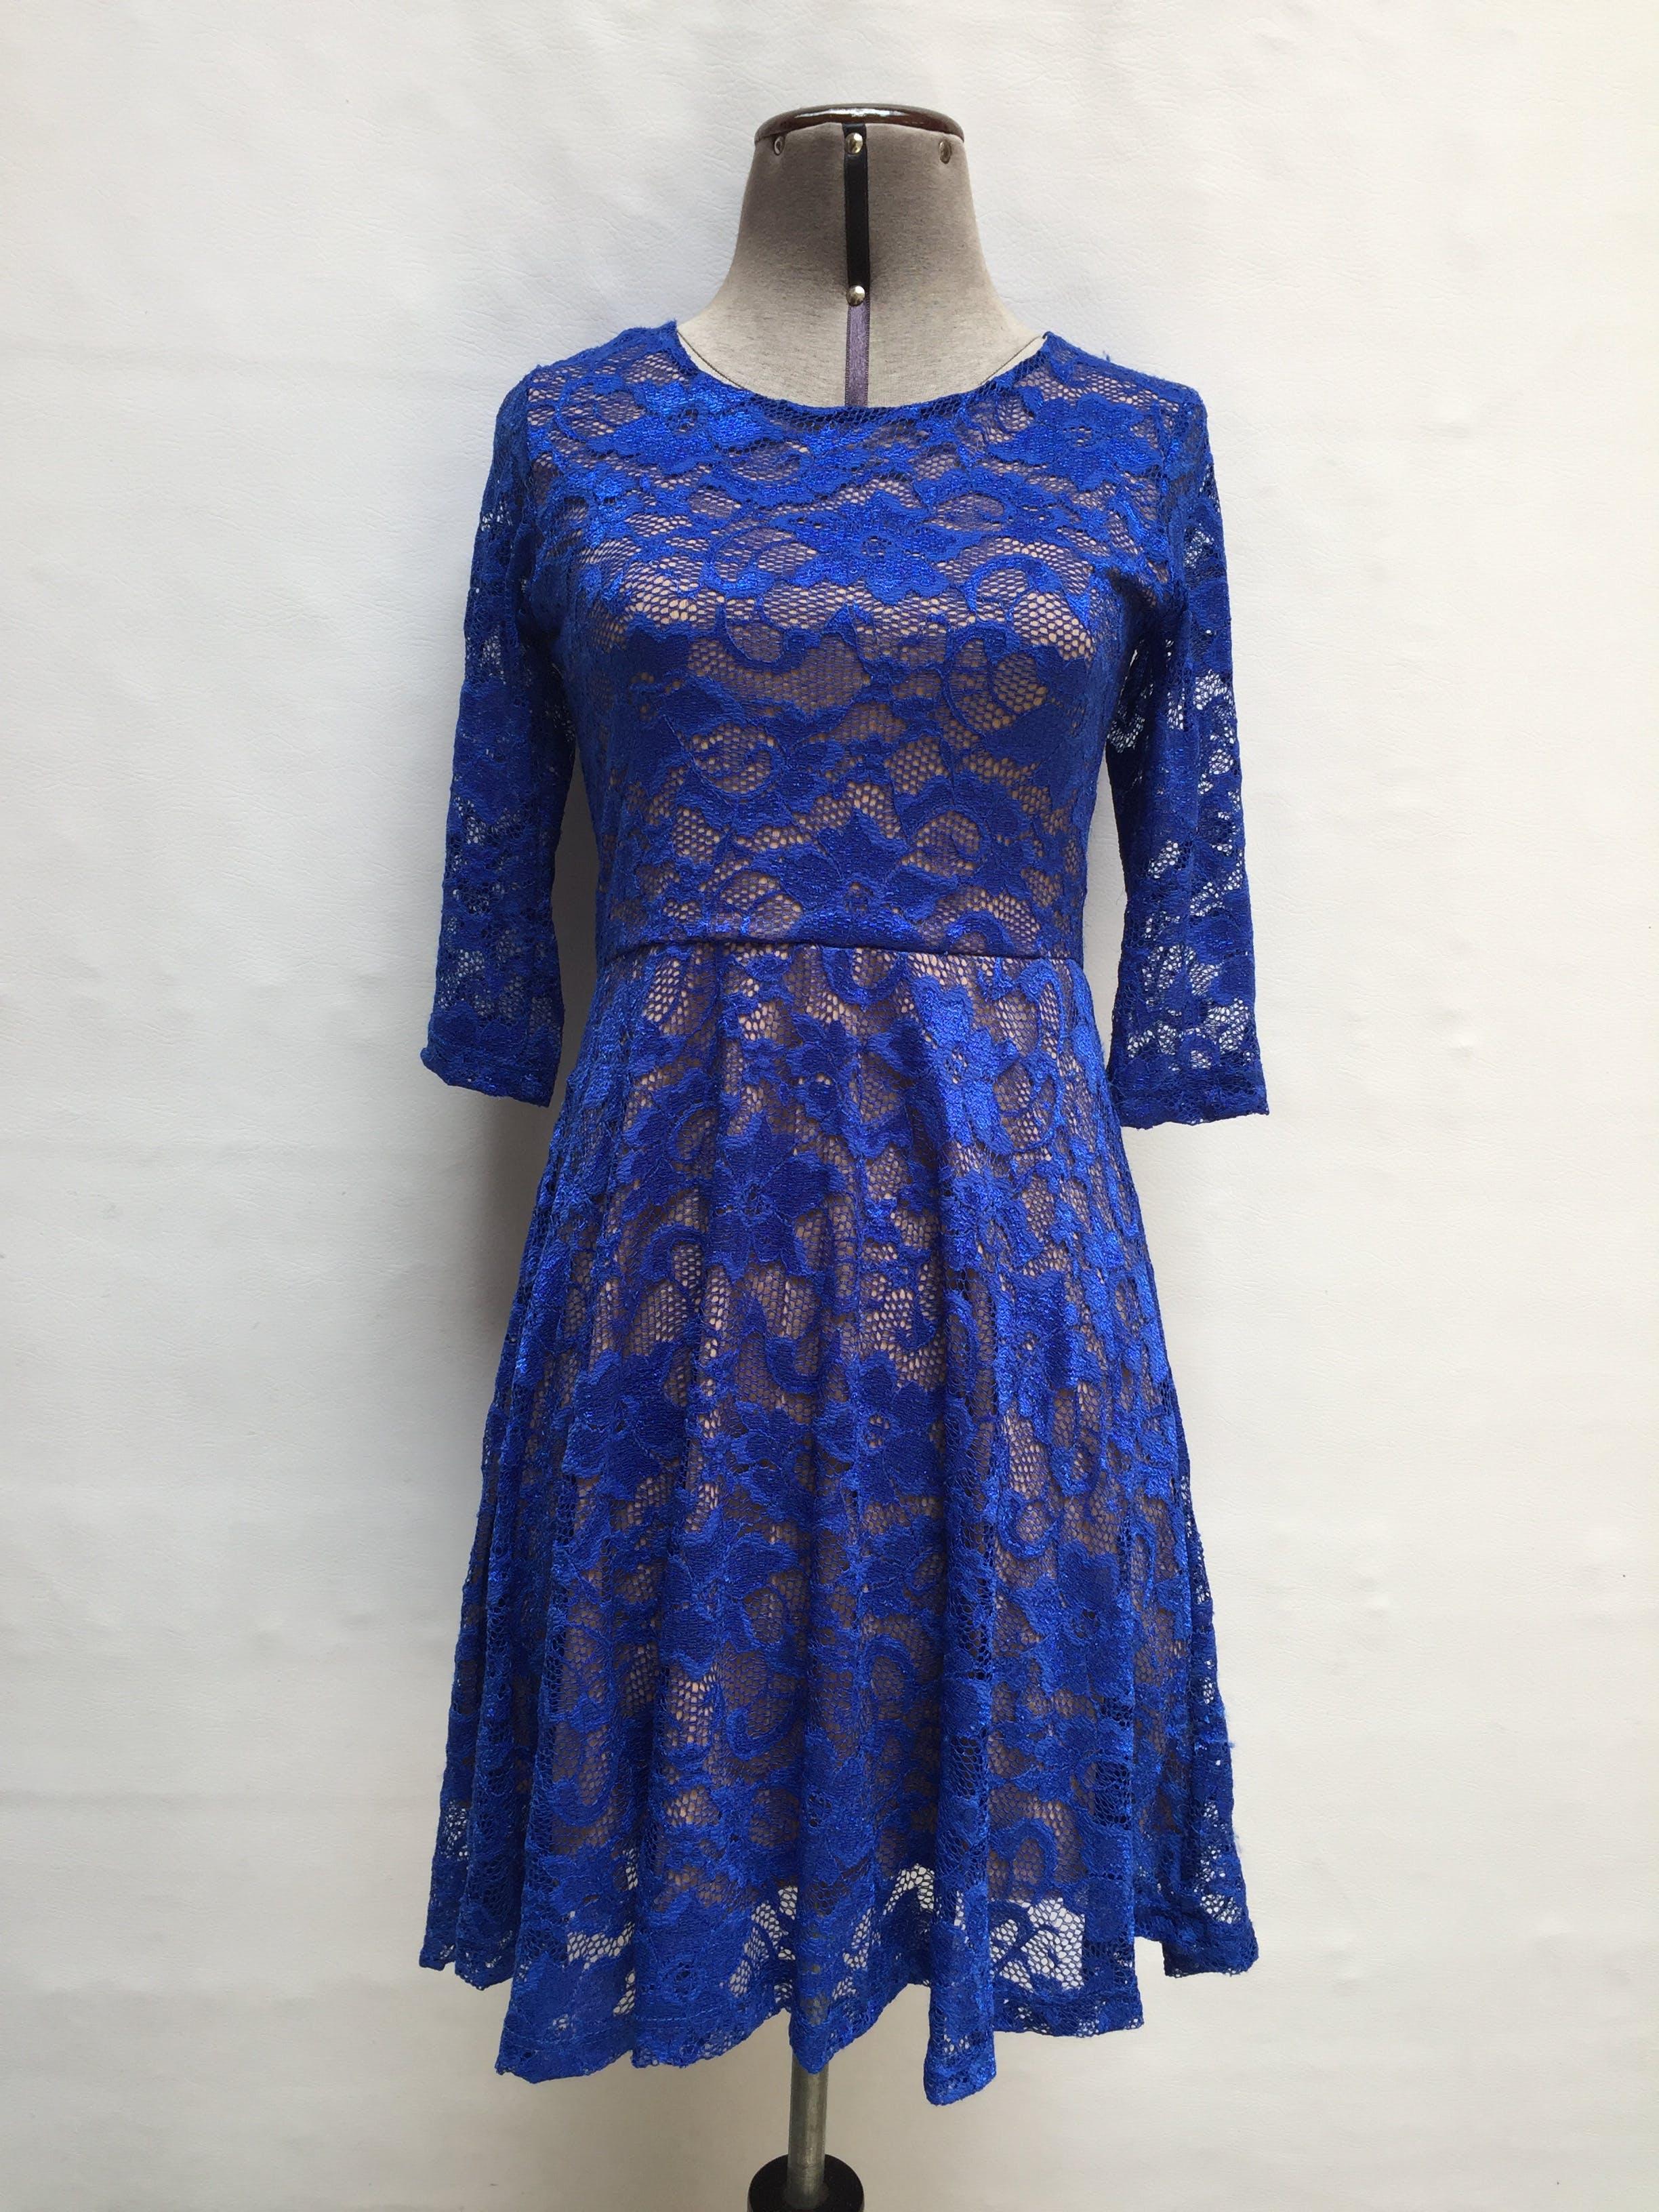 Vestido de encaje azul con forro color beige, manga 3/4 y cierre en la espalda con escote y tira para amarrar Talla S